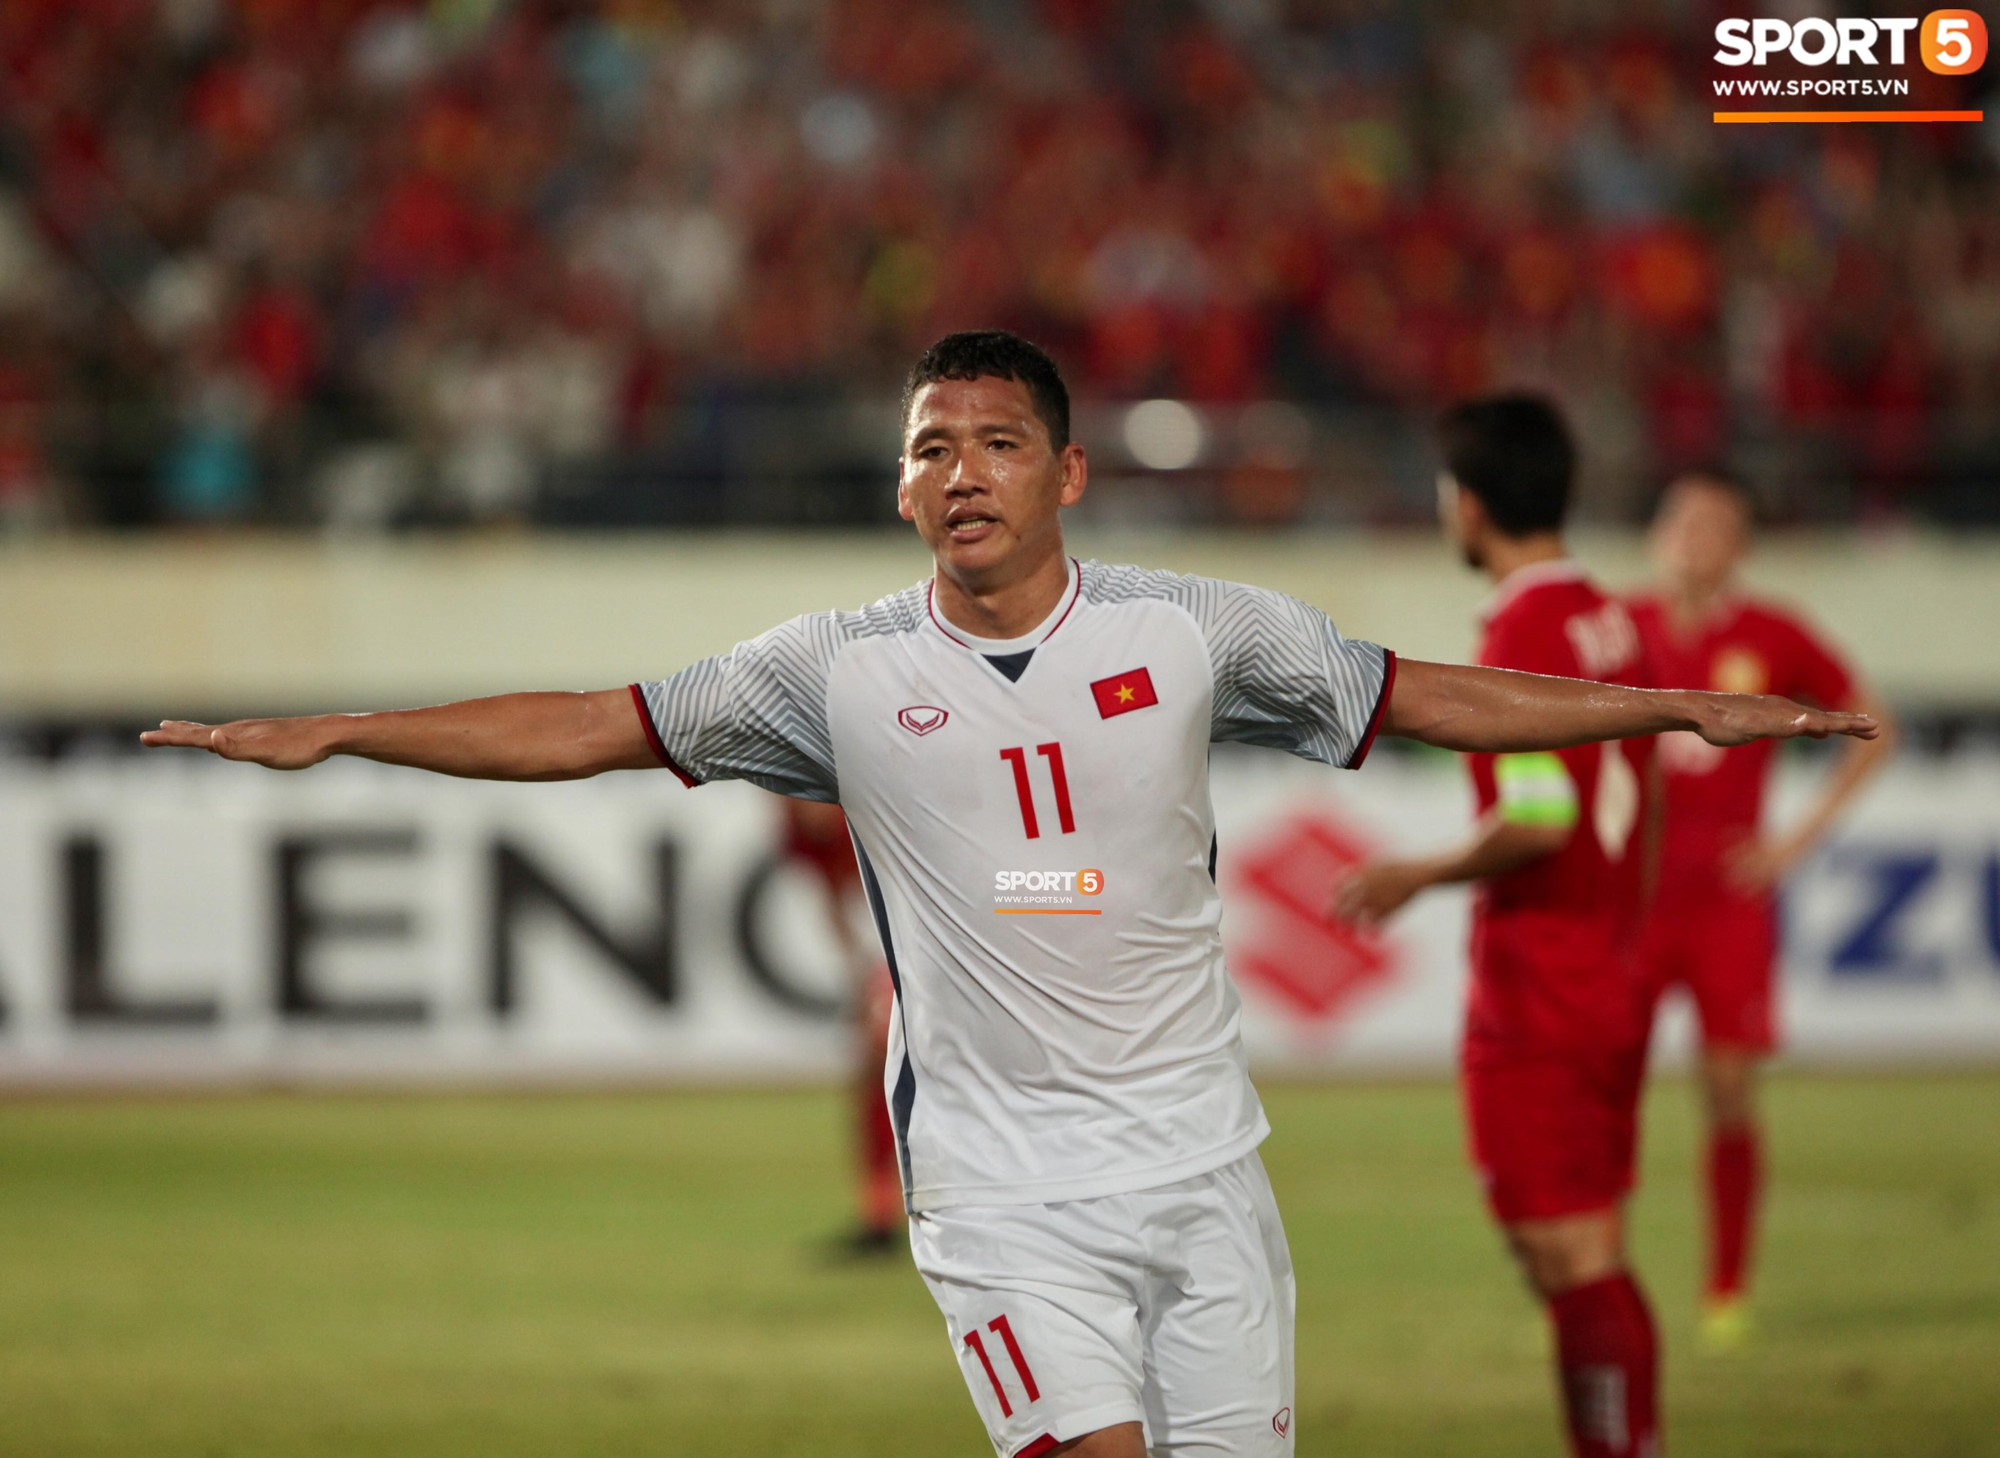 Cậu út của tuyển Việt Nam muốn tái hiện bàn tay của chúa trong trận mở màn AFF Cup 2018 - Ảnh 9.